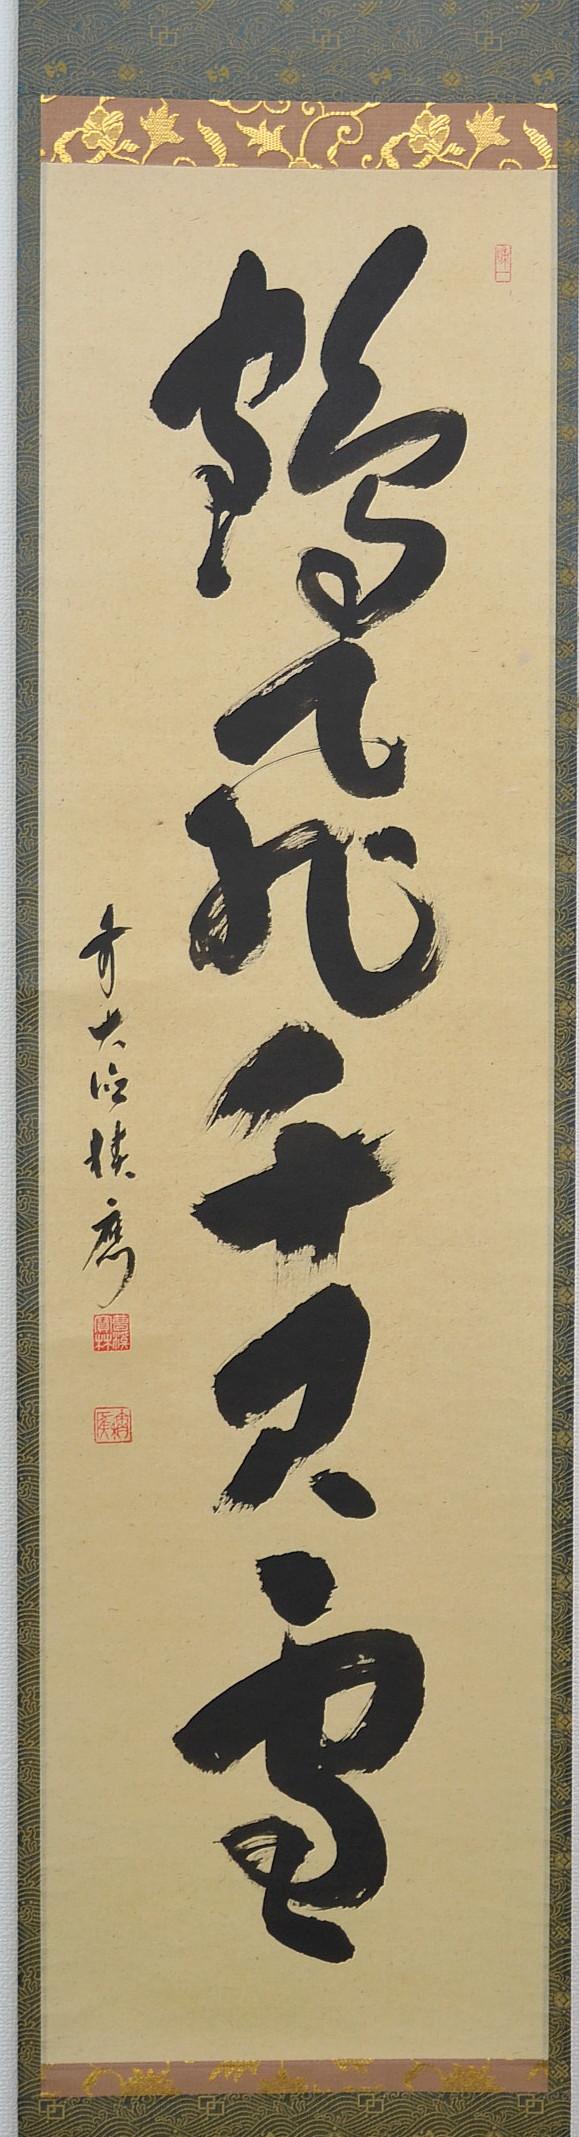 福本積慶筆「鶴飛千尺雪」 掛け軸 茶掛 茶道具